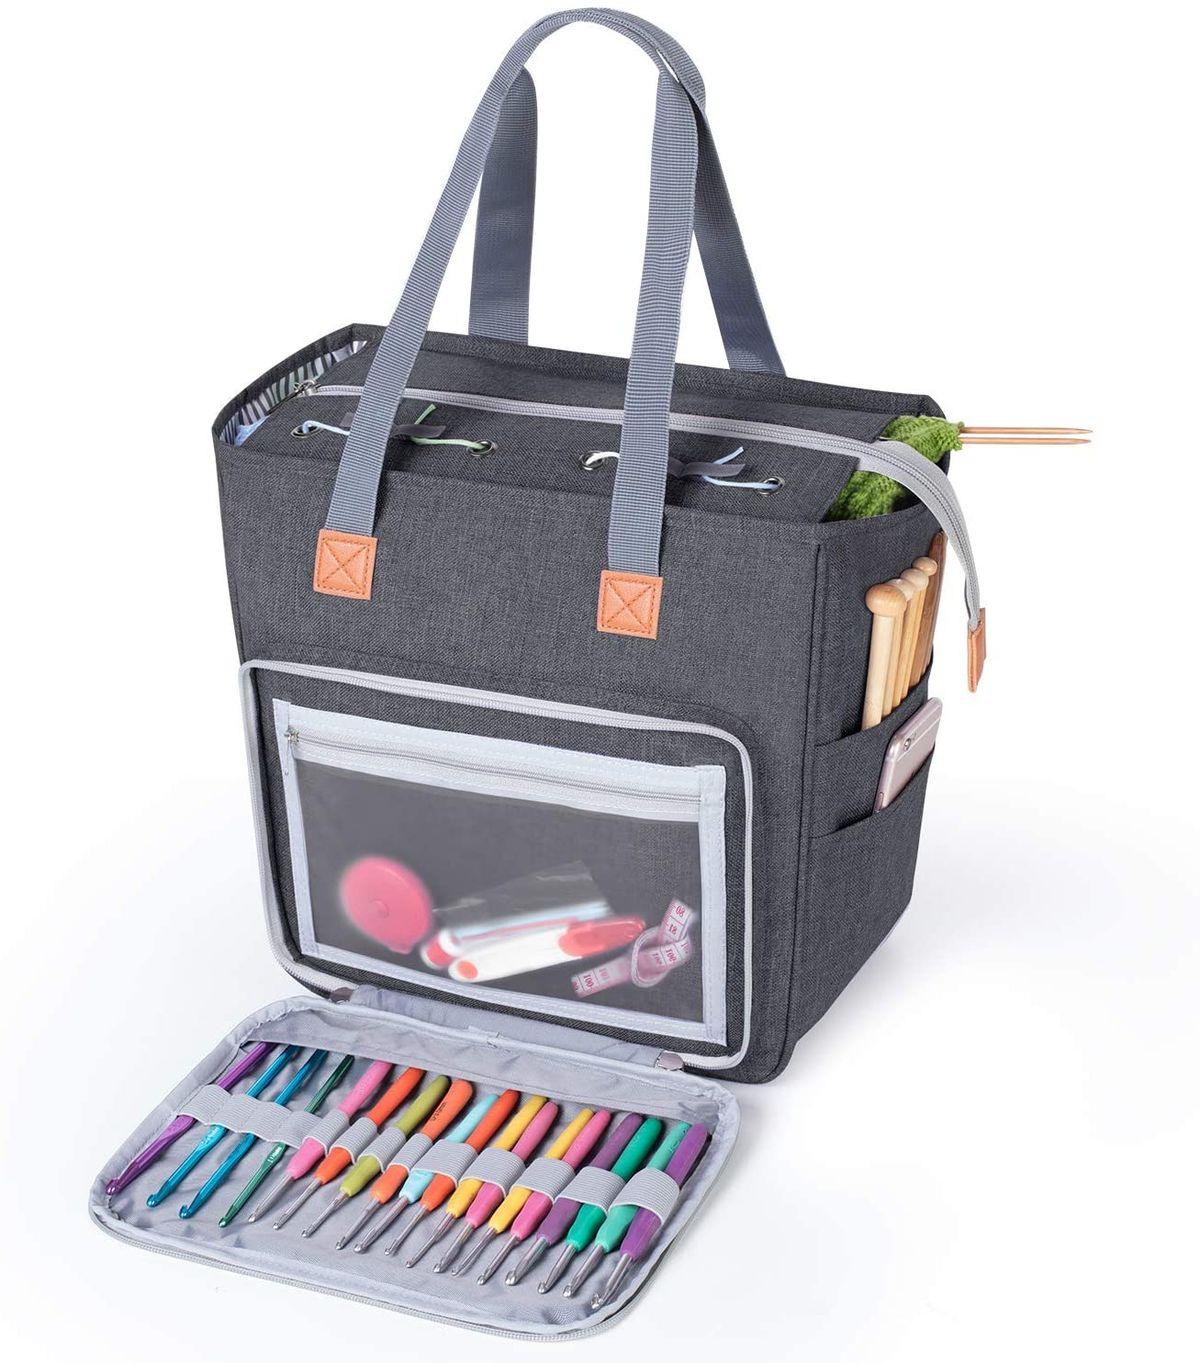 حقيبة حياكة صوف كروشيه محمولة ، حقيبة تخزين خيوط ، منظم إبر الخياطة ، ملحقات الخياطة ، هدية تخزين